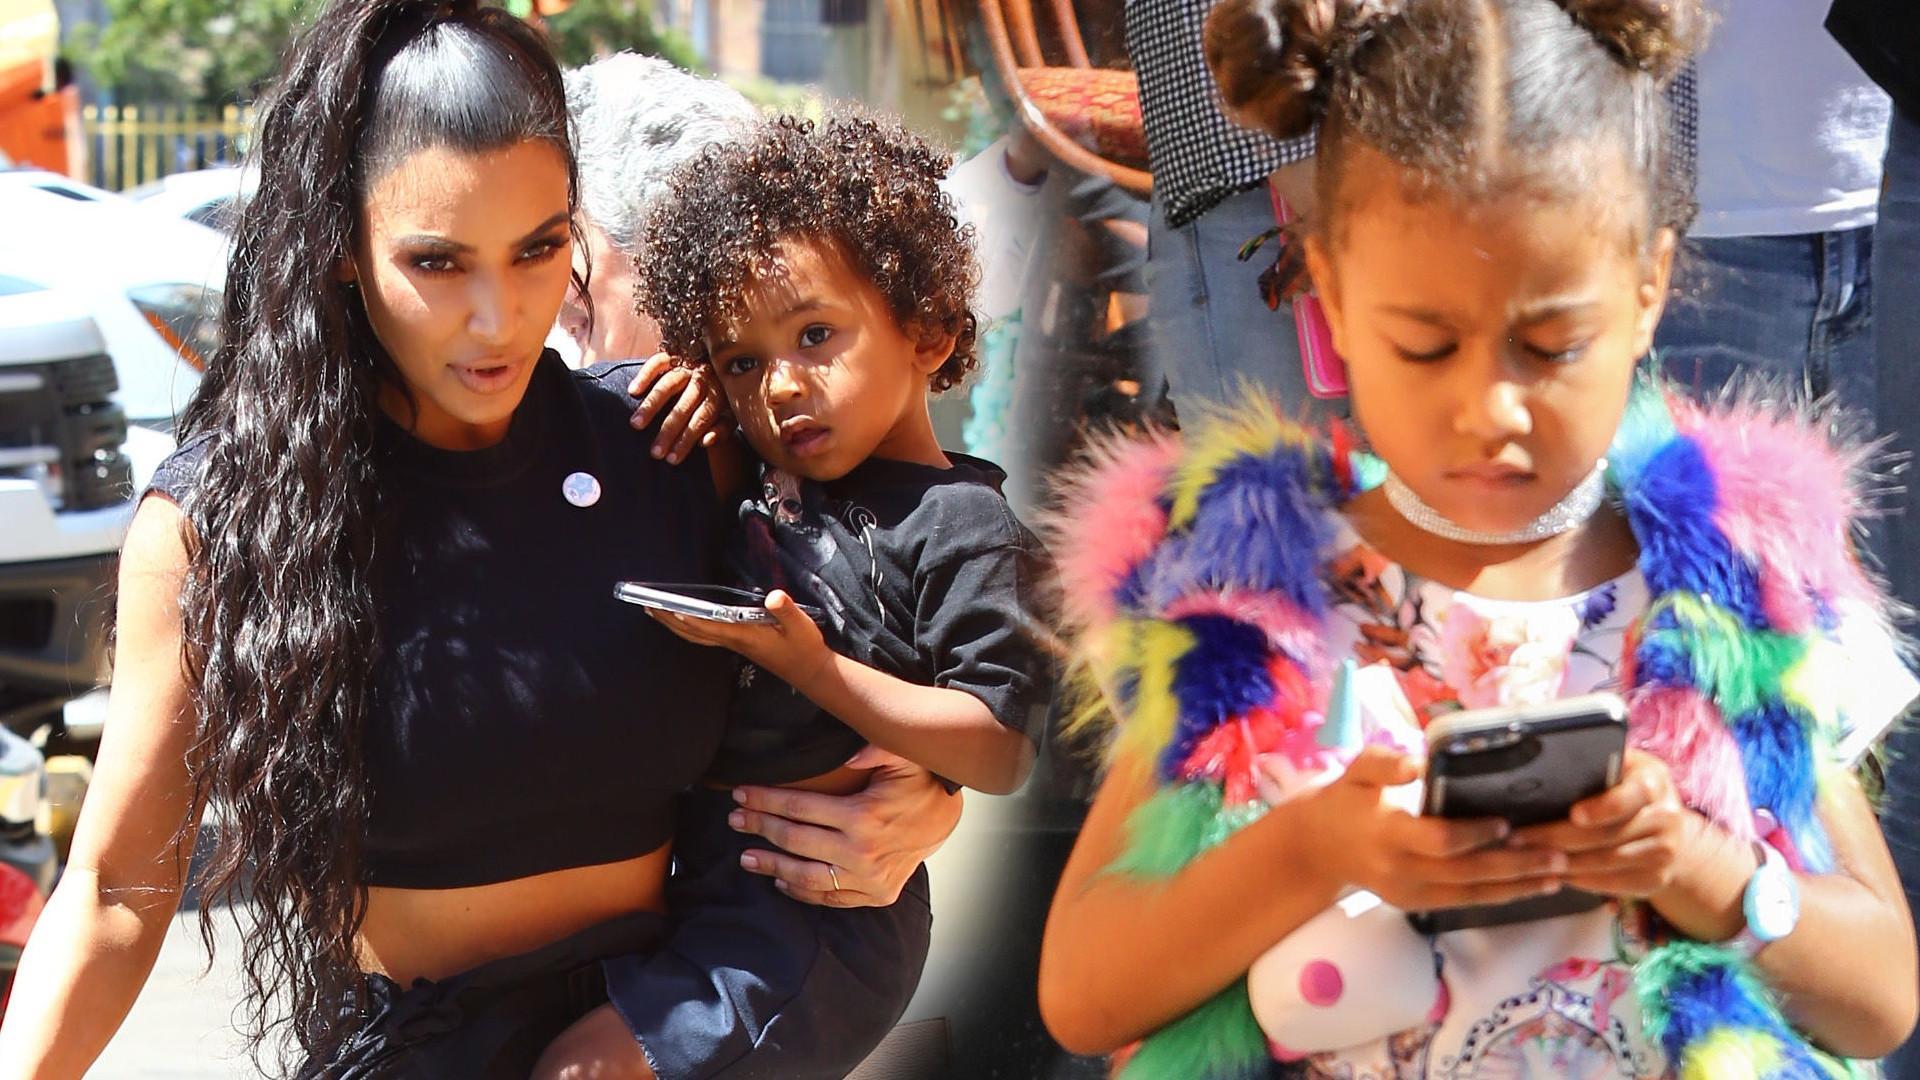 Tak Kim Kardashian psuje dzieciom wzrok (ZDJĘCIA)